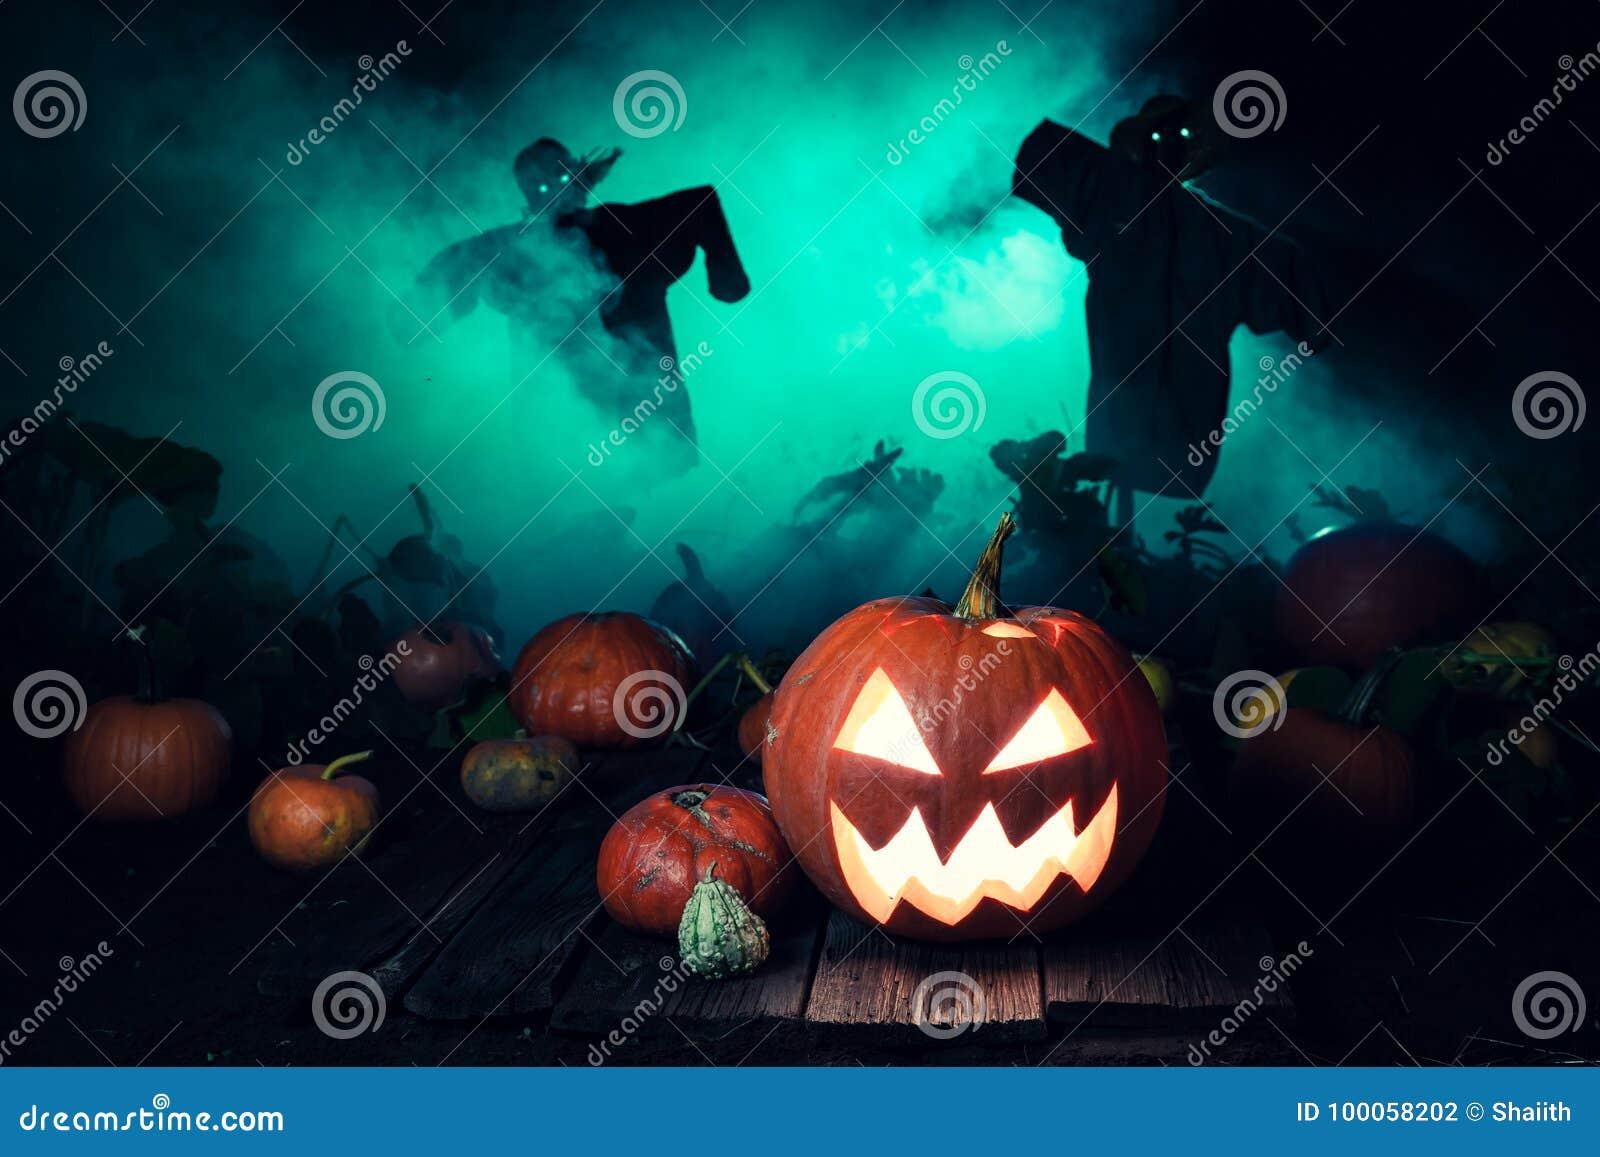 Straszna bania z zieloną mgłą i strach na wróble dla Halloween